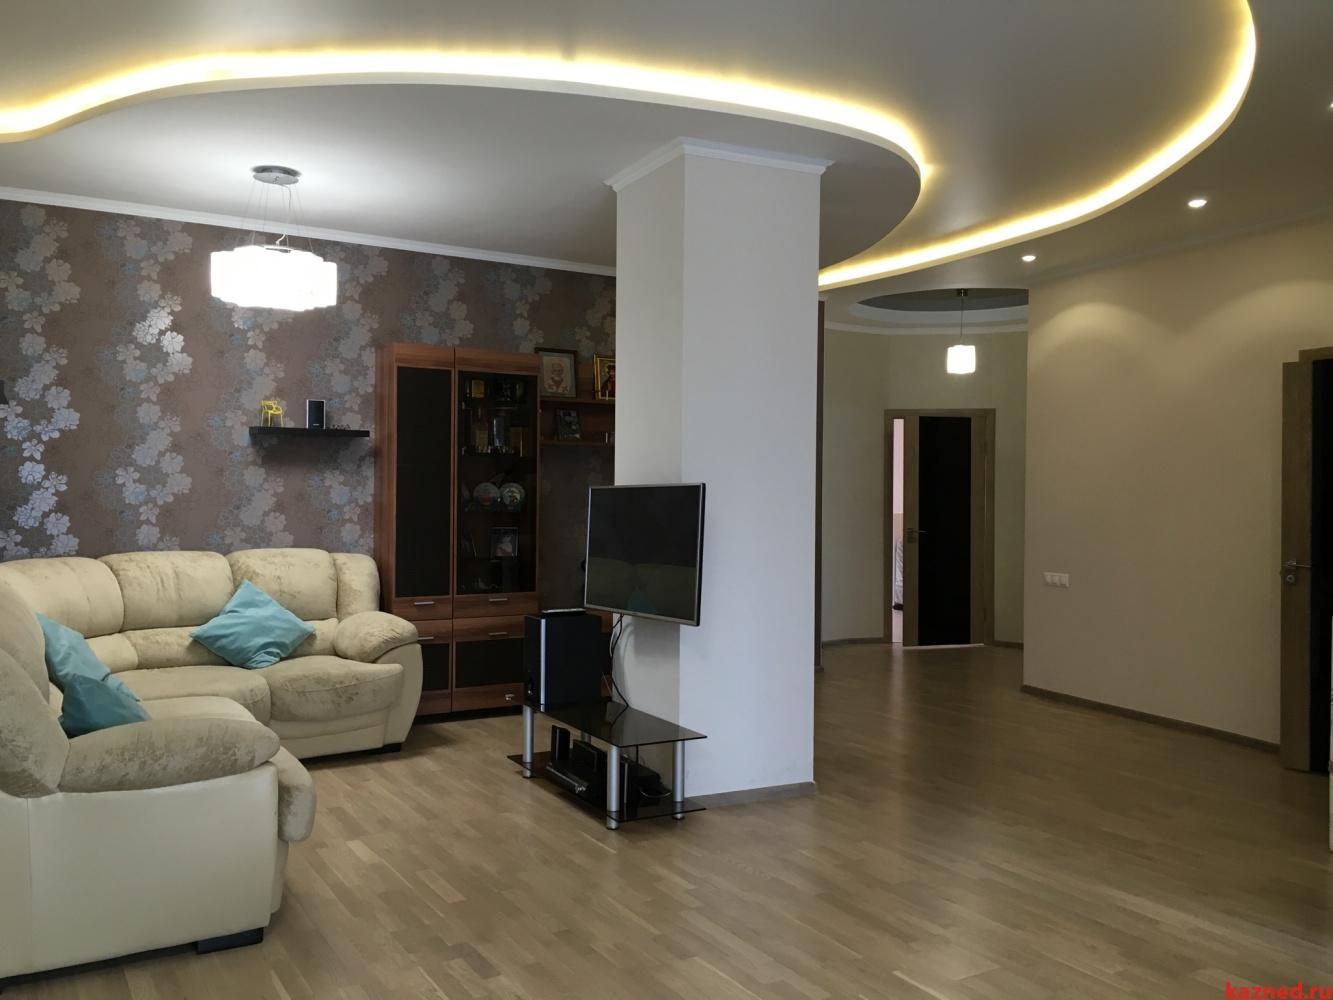 Продажа 4-к квартиры Чистопольская, д.38, 140 м²  (миниатюра №2)